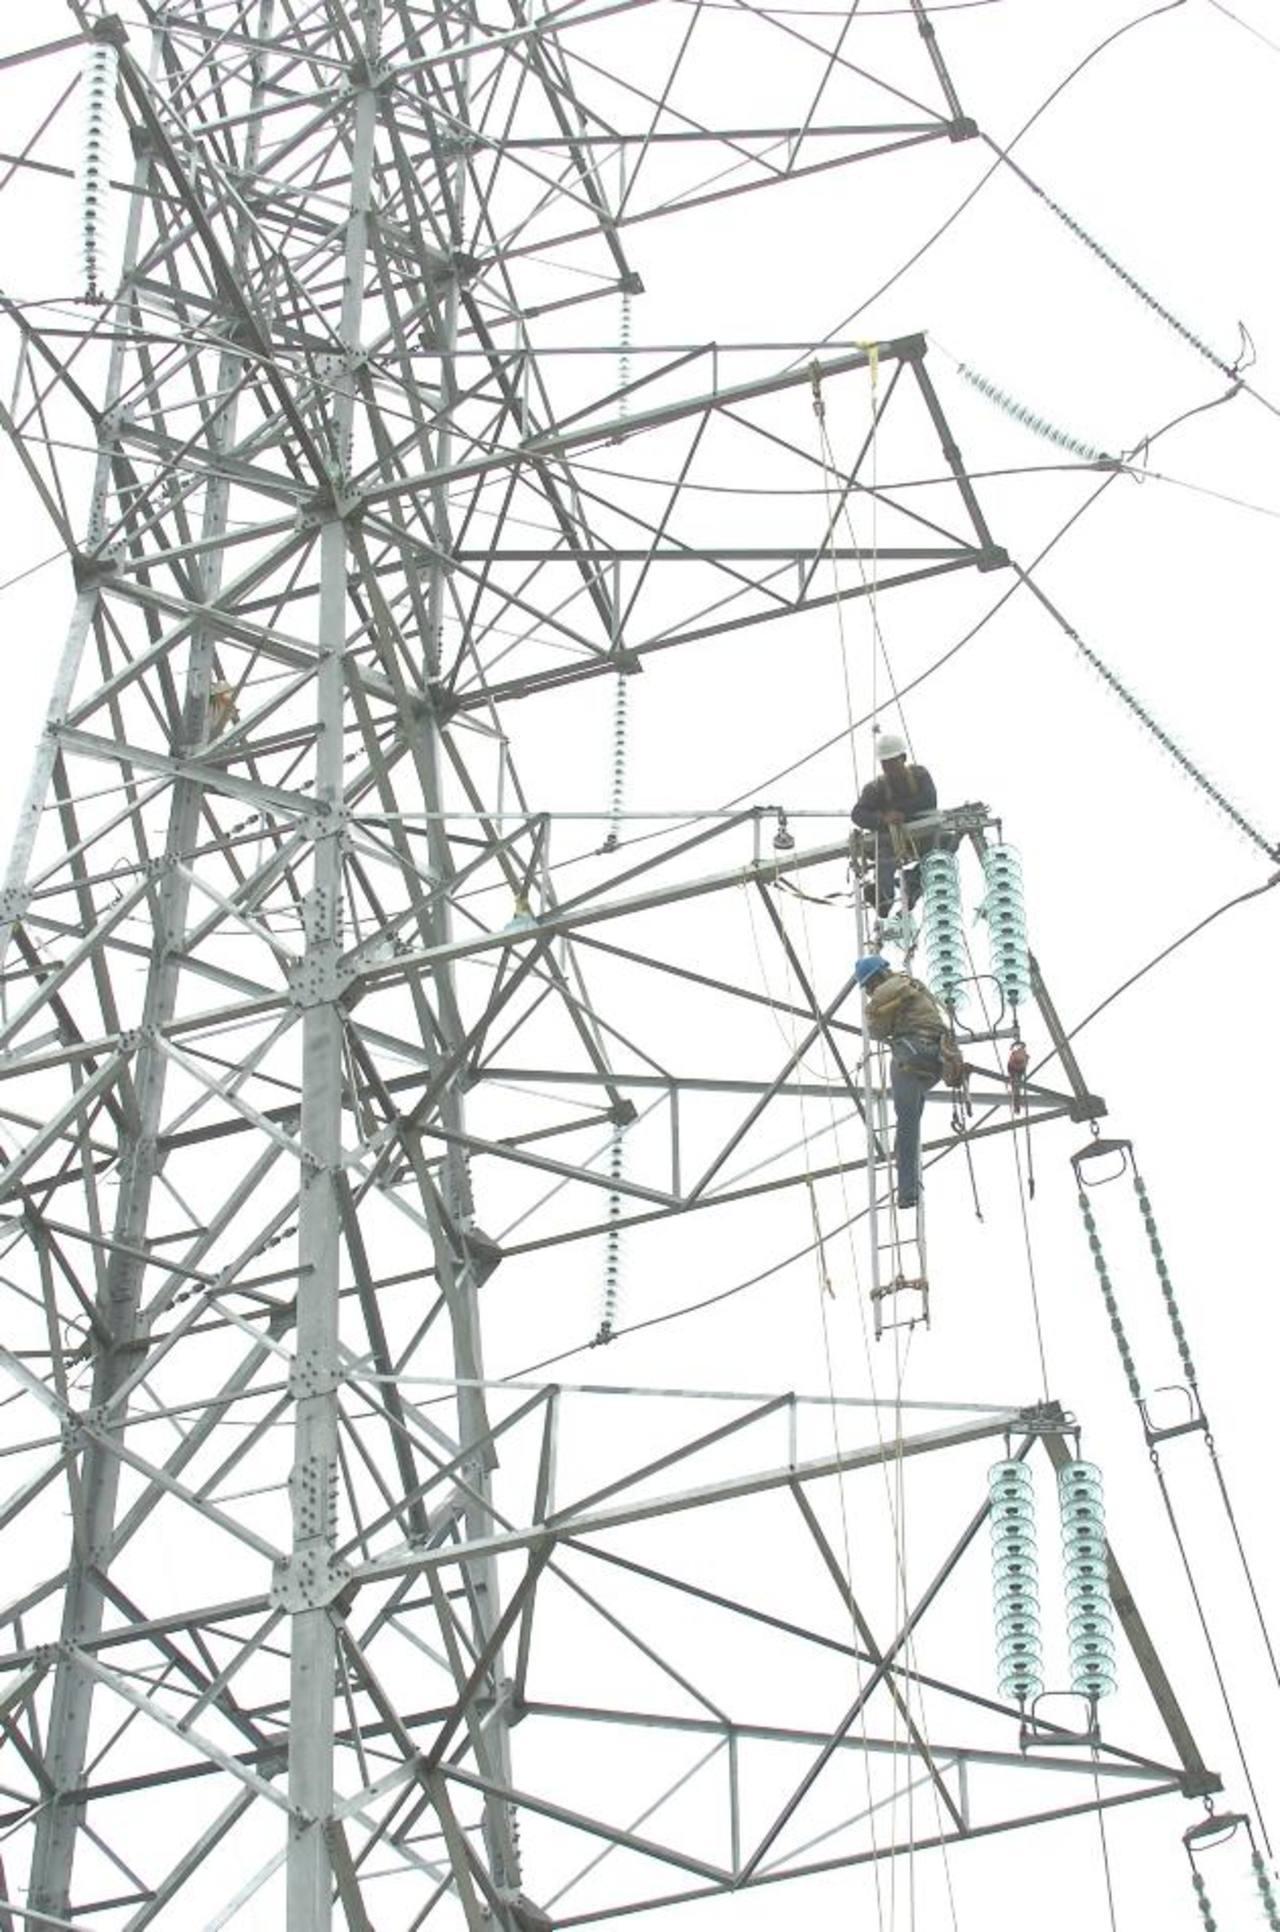 La generación de energía en Centroamérica ha pasado a ser termal en un 47 % y 41 % hidroeléctrica, desde 2008.